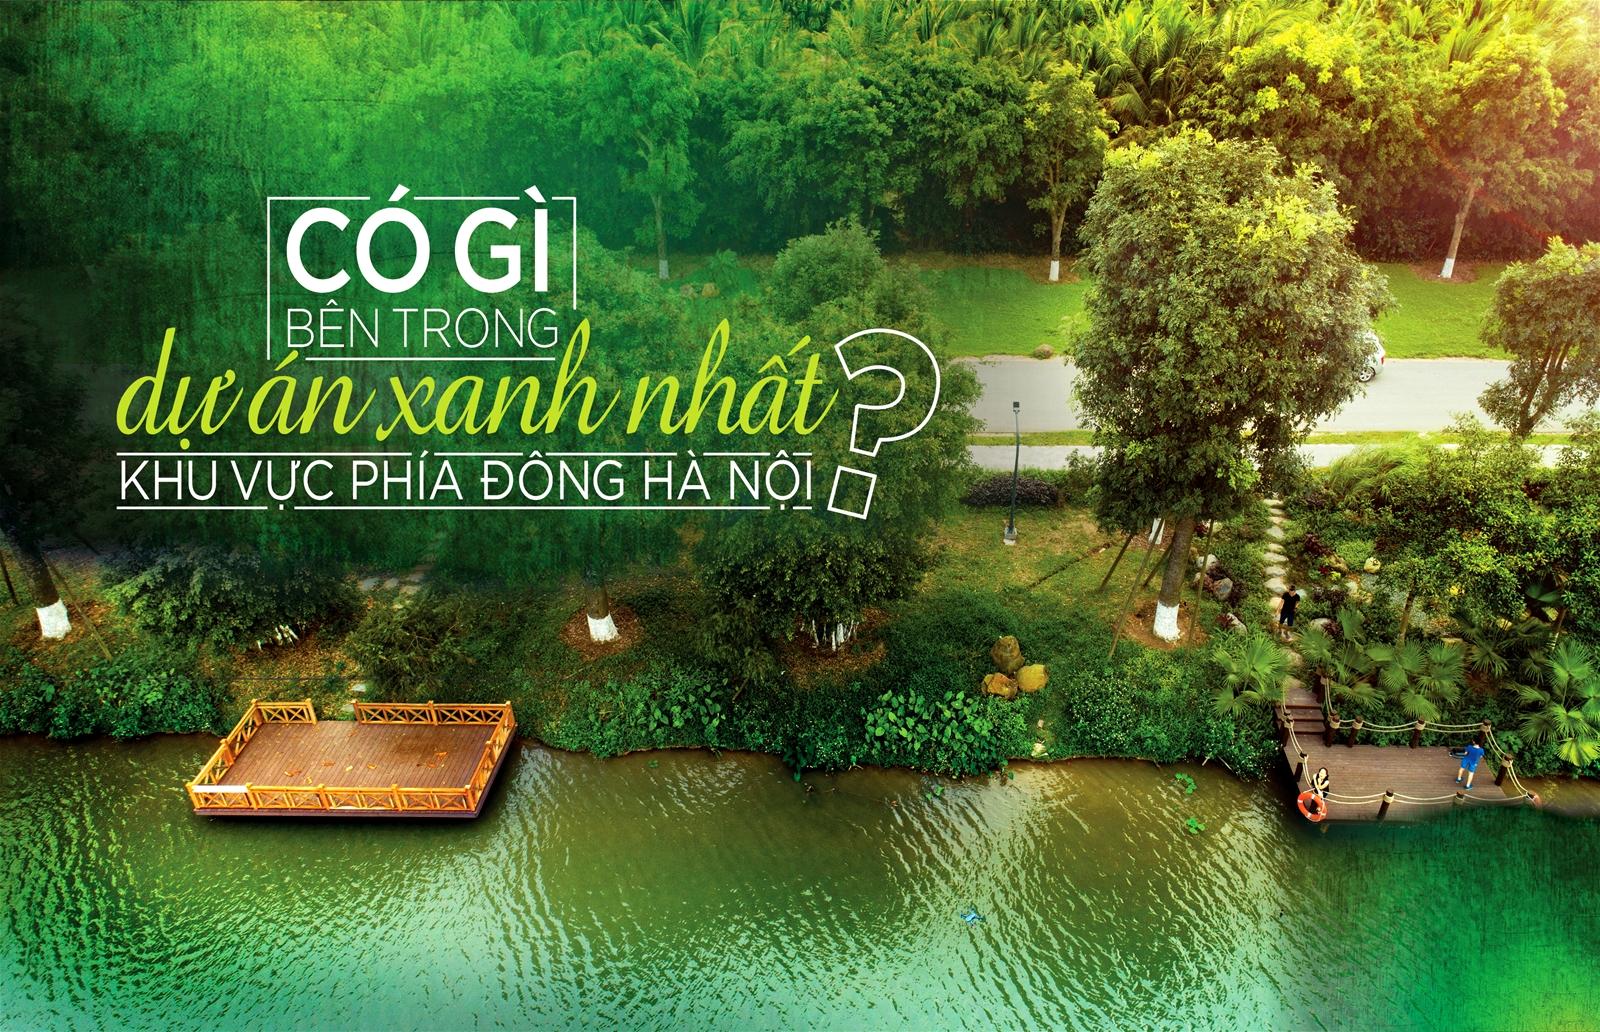 Có gì bên trong dự án xanh nhất khu vực phía Đông Hà Nội?